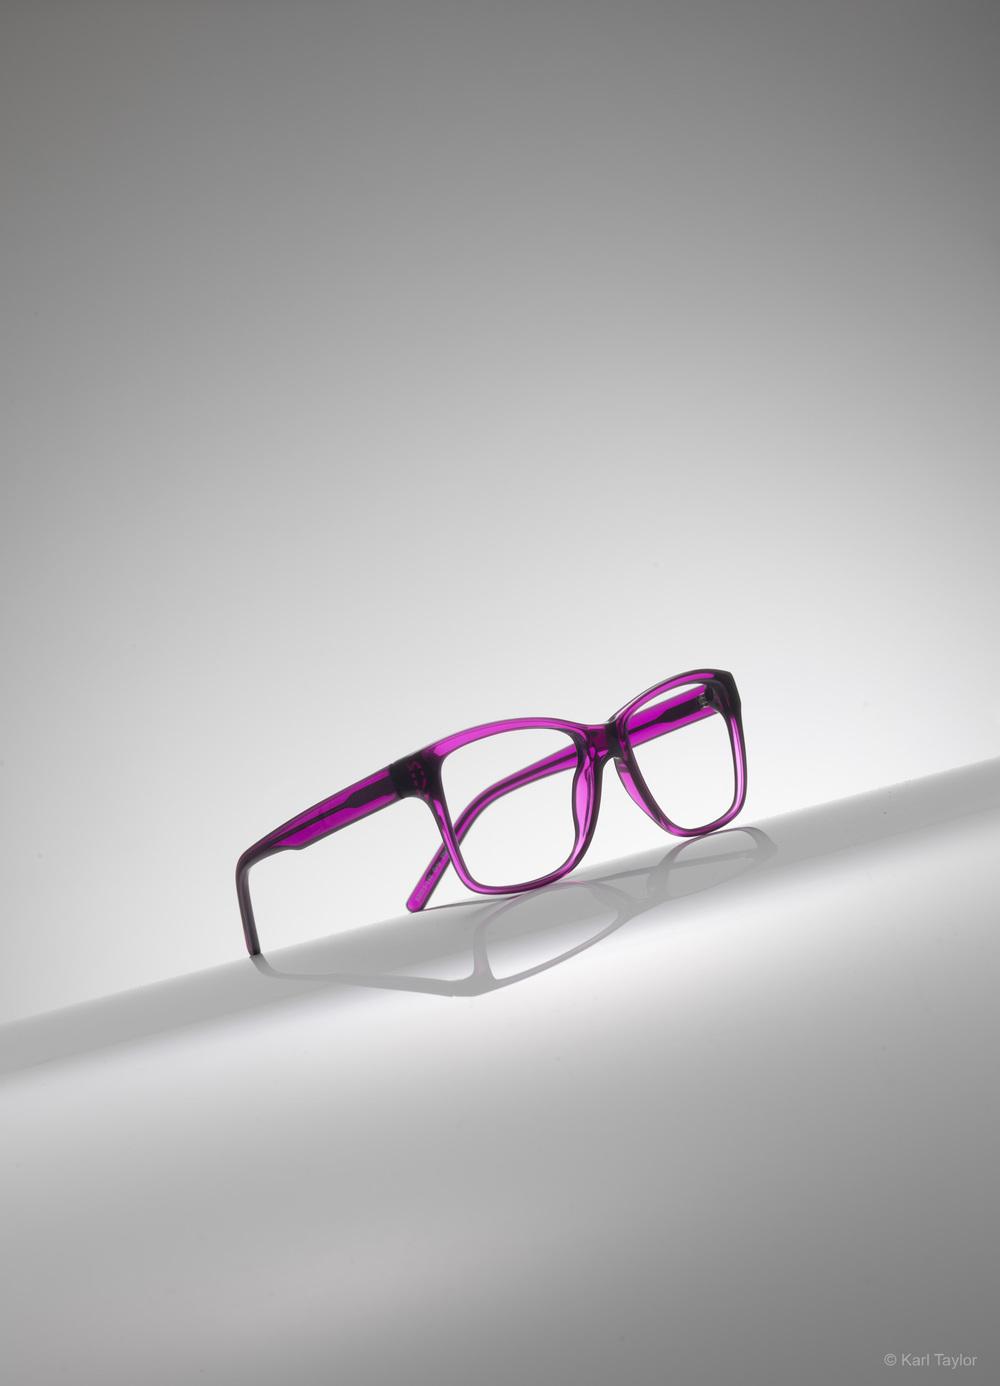 Karl_Taylor_purple_glasses.jpg